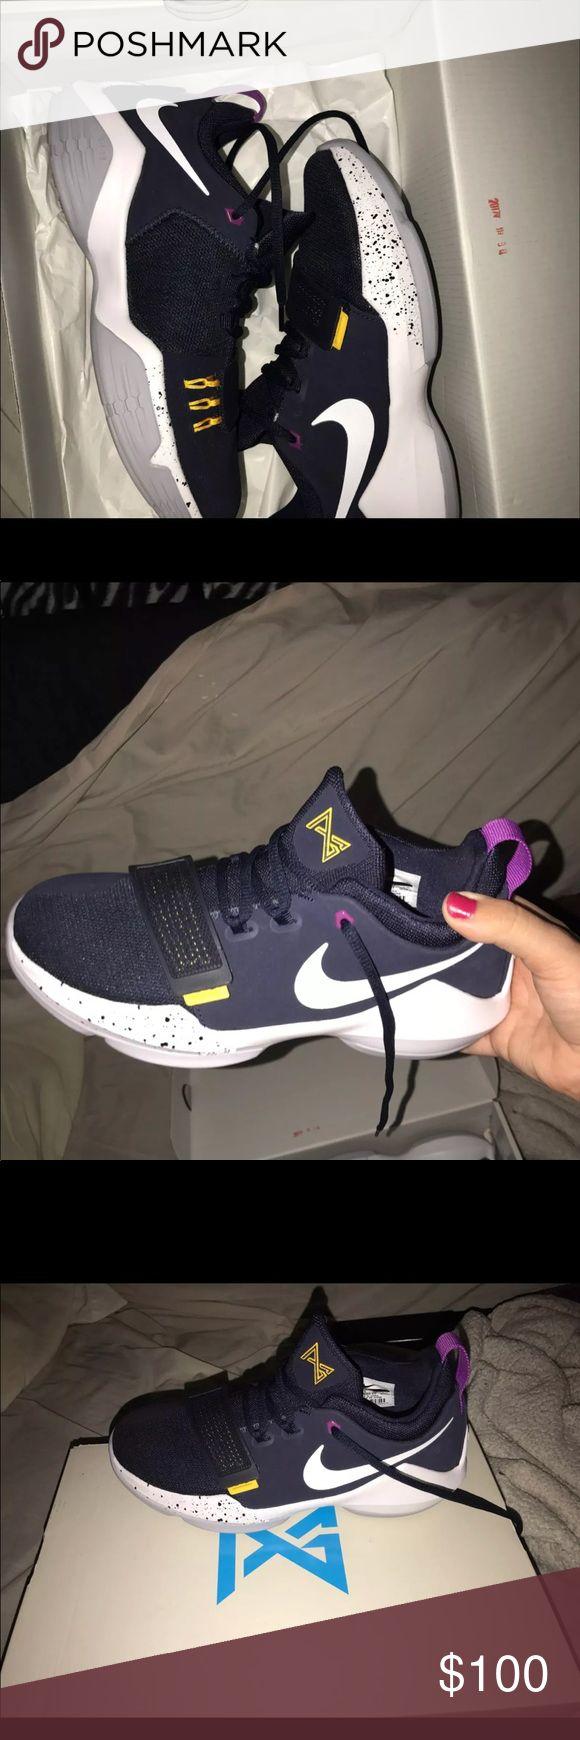 Paul George sneakers Worn once Paul George sneakers size 5.5 Nike Shoes Sneakers